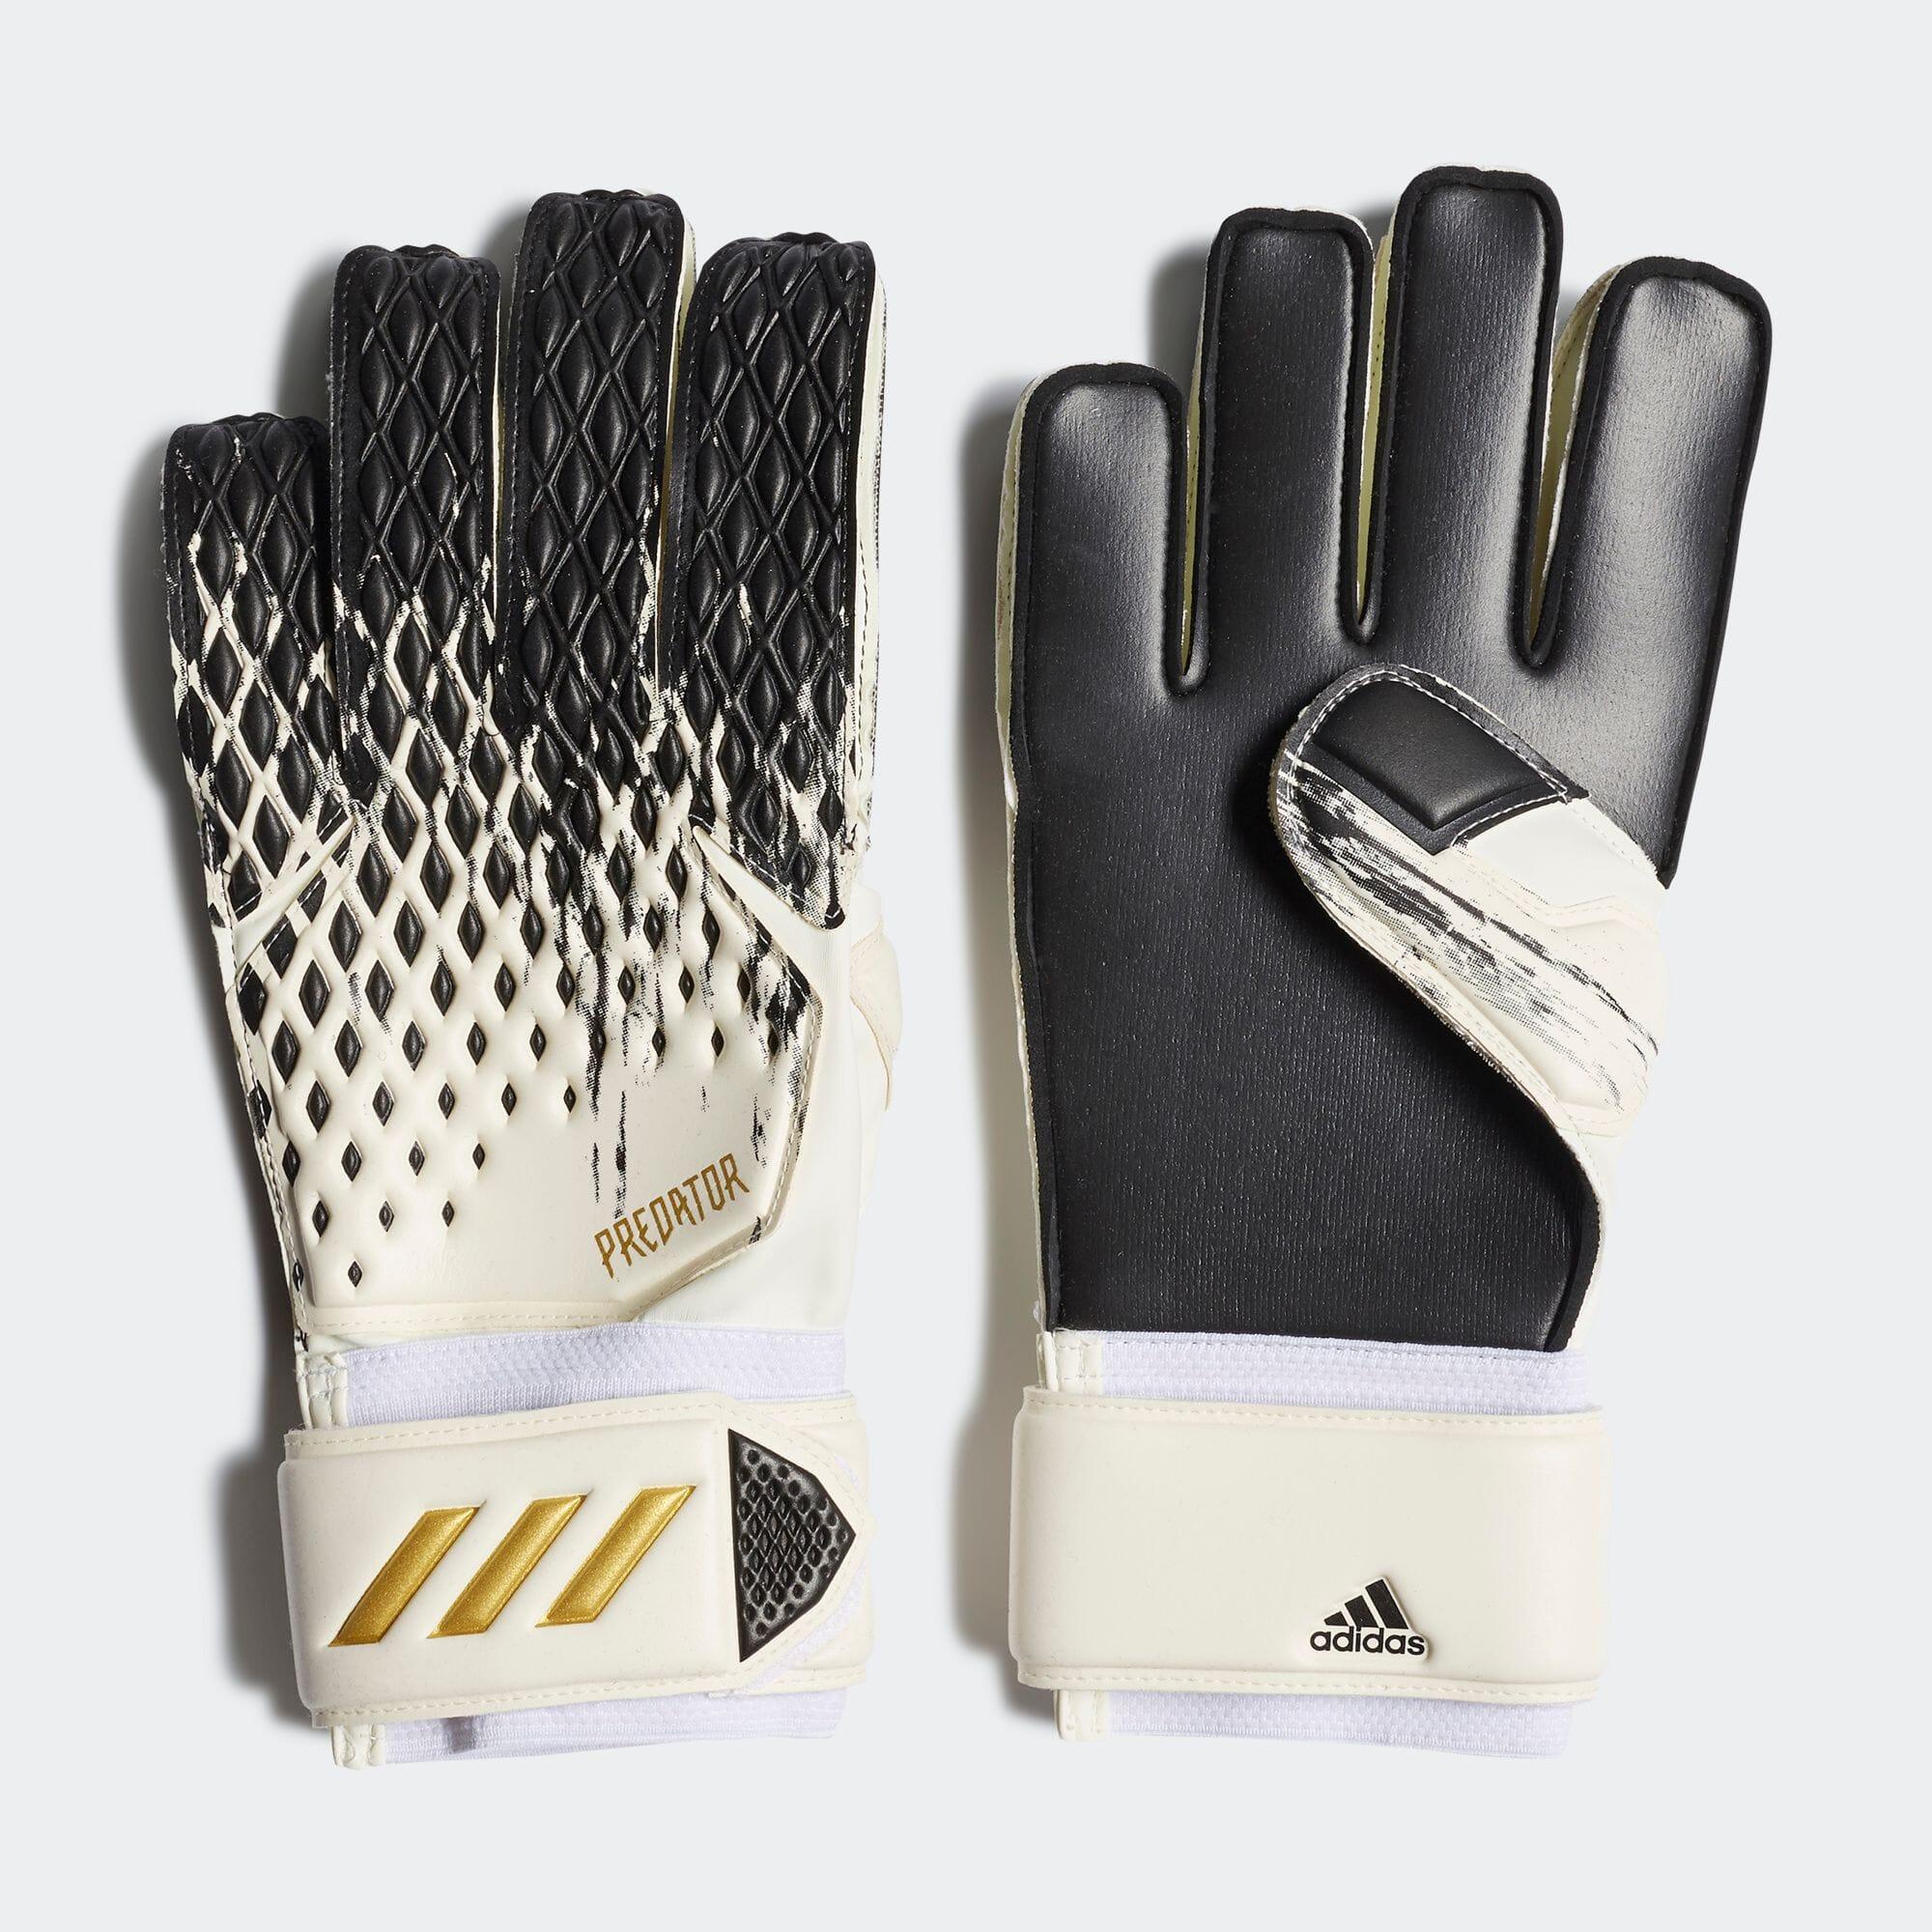 プレデター 20 マッチ グローブ / Predator 20 Match Gloves